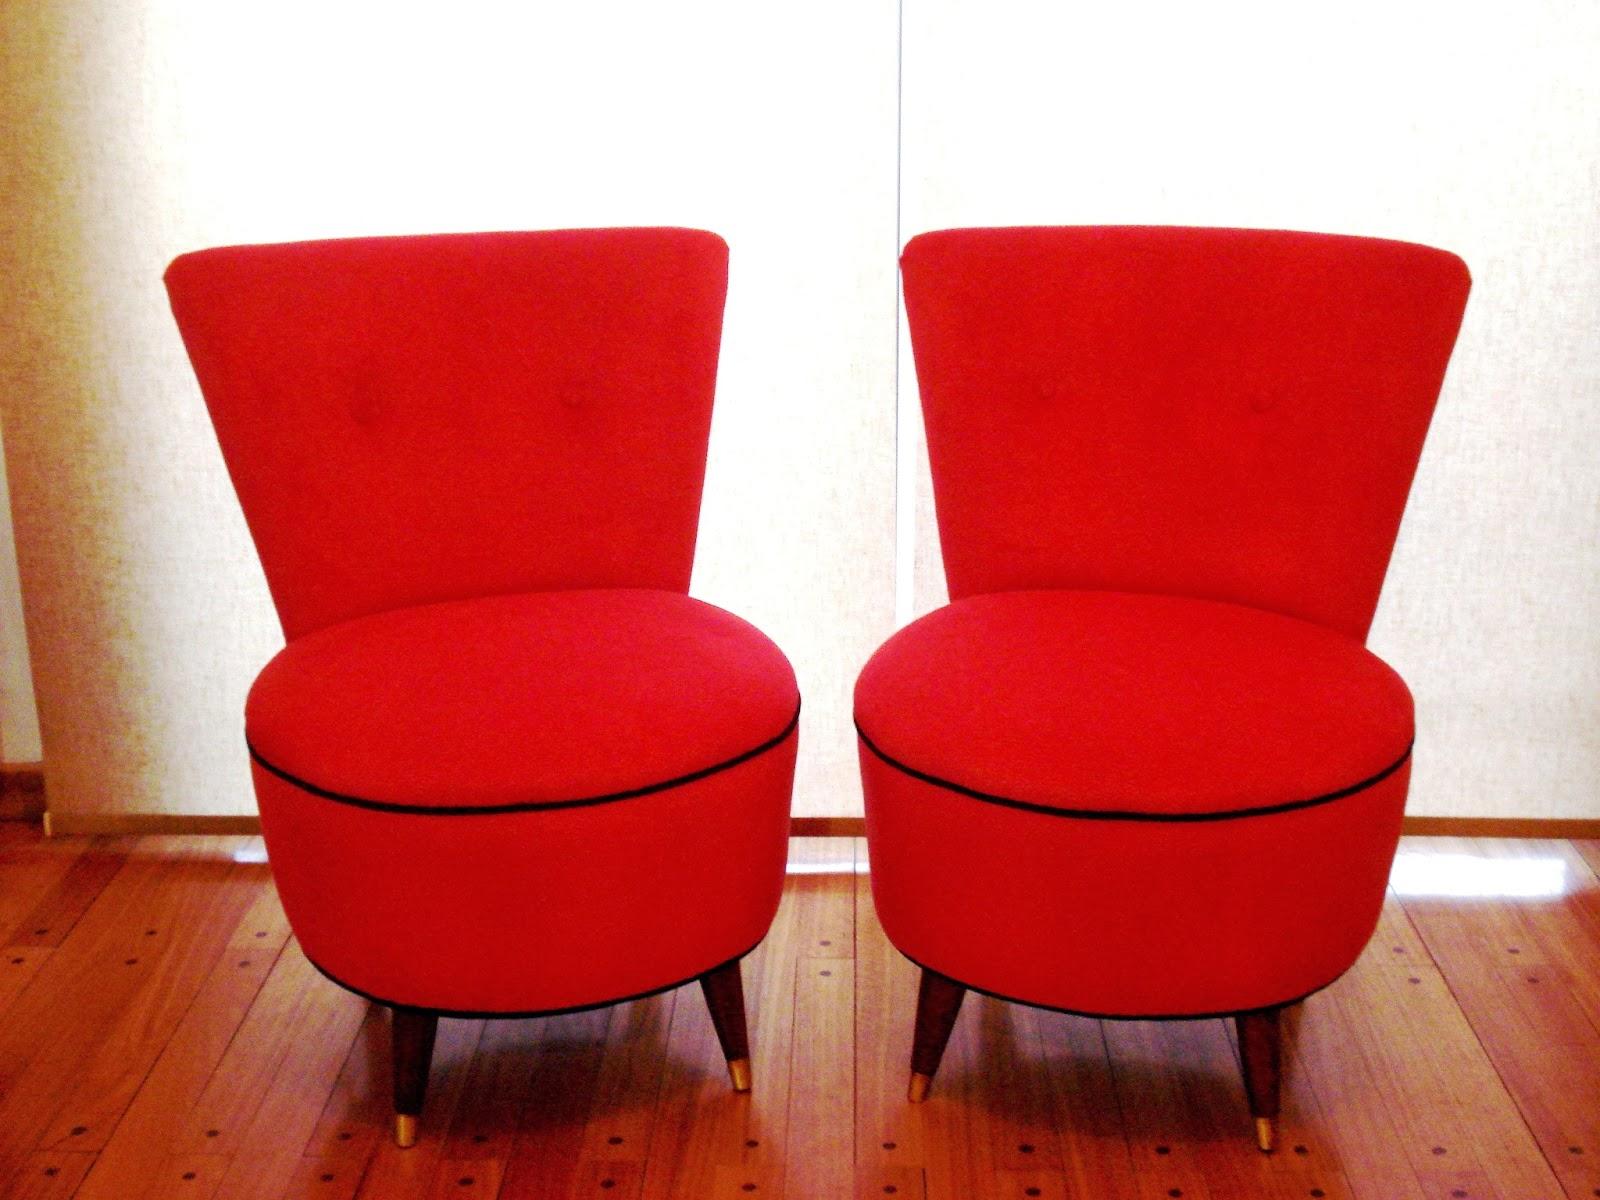 Chochiloca reciclado de muebles noviembre 2013 for Reciclado de muebles